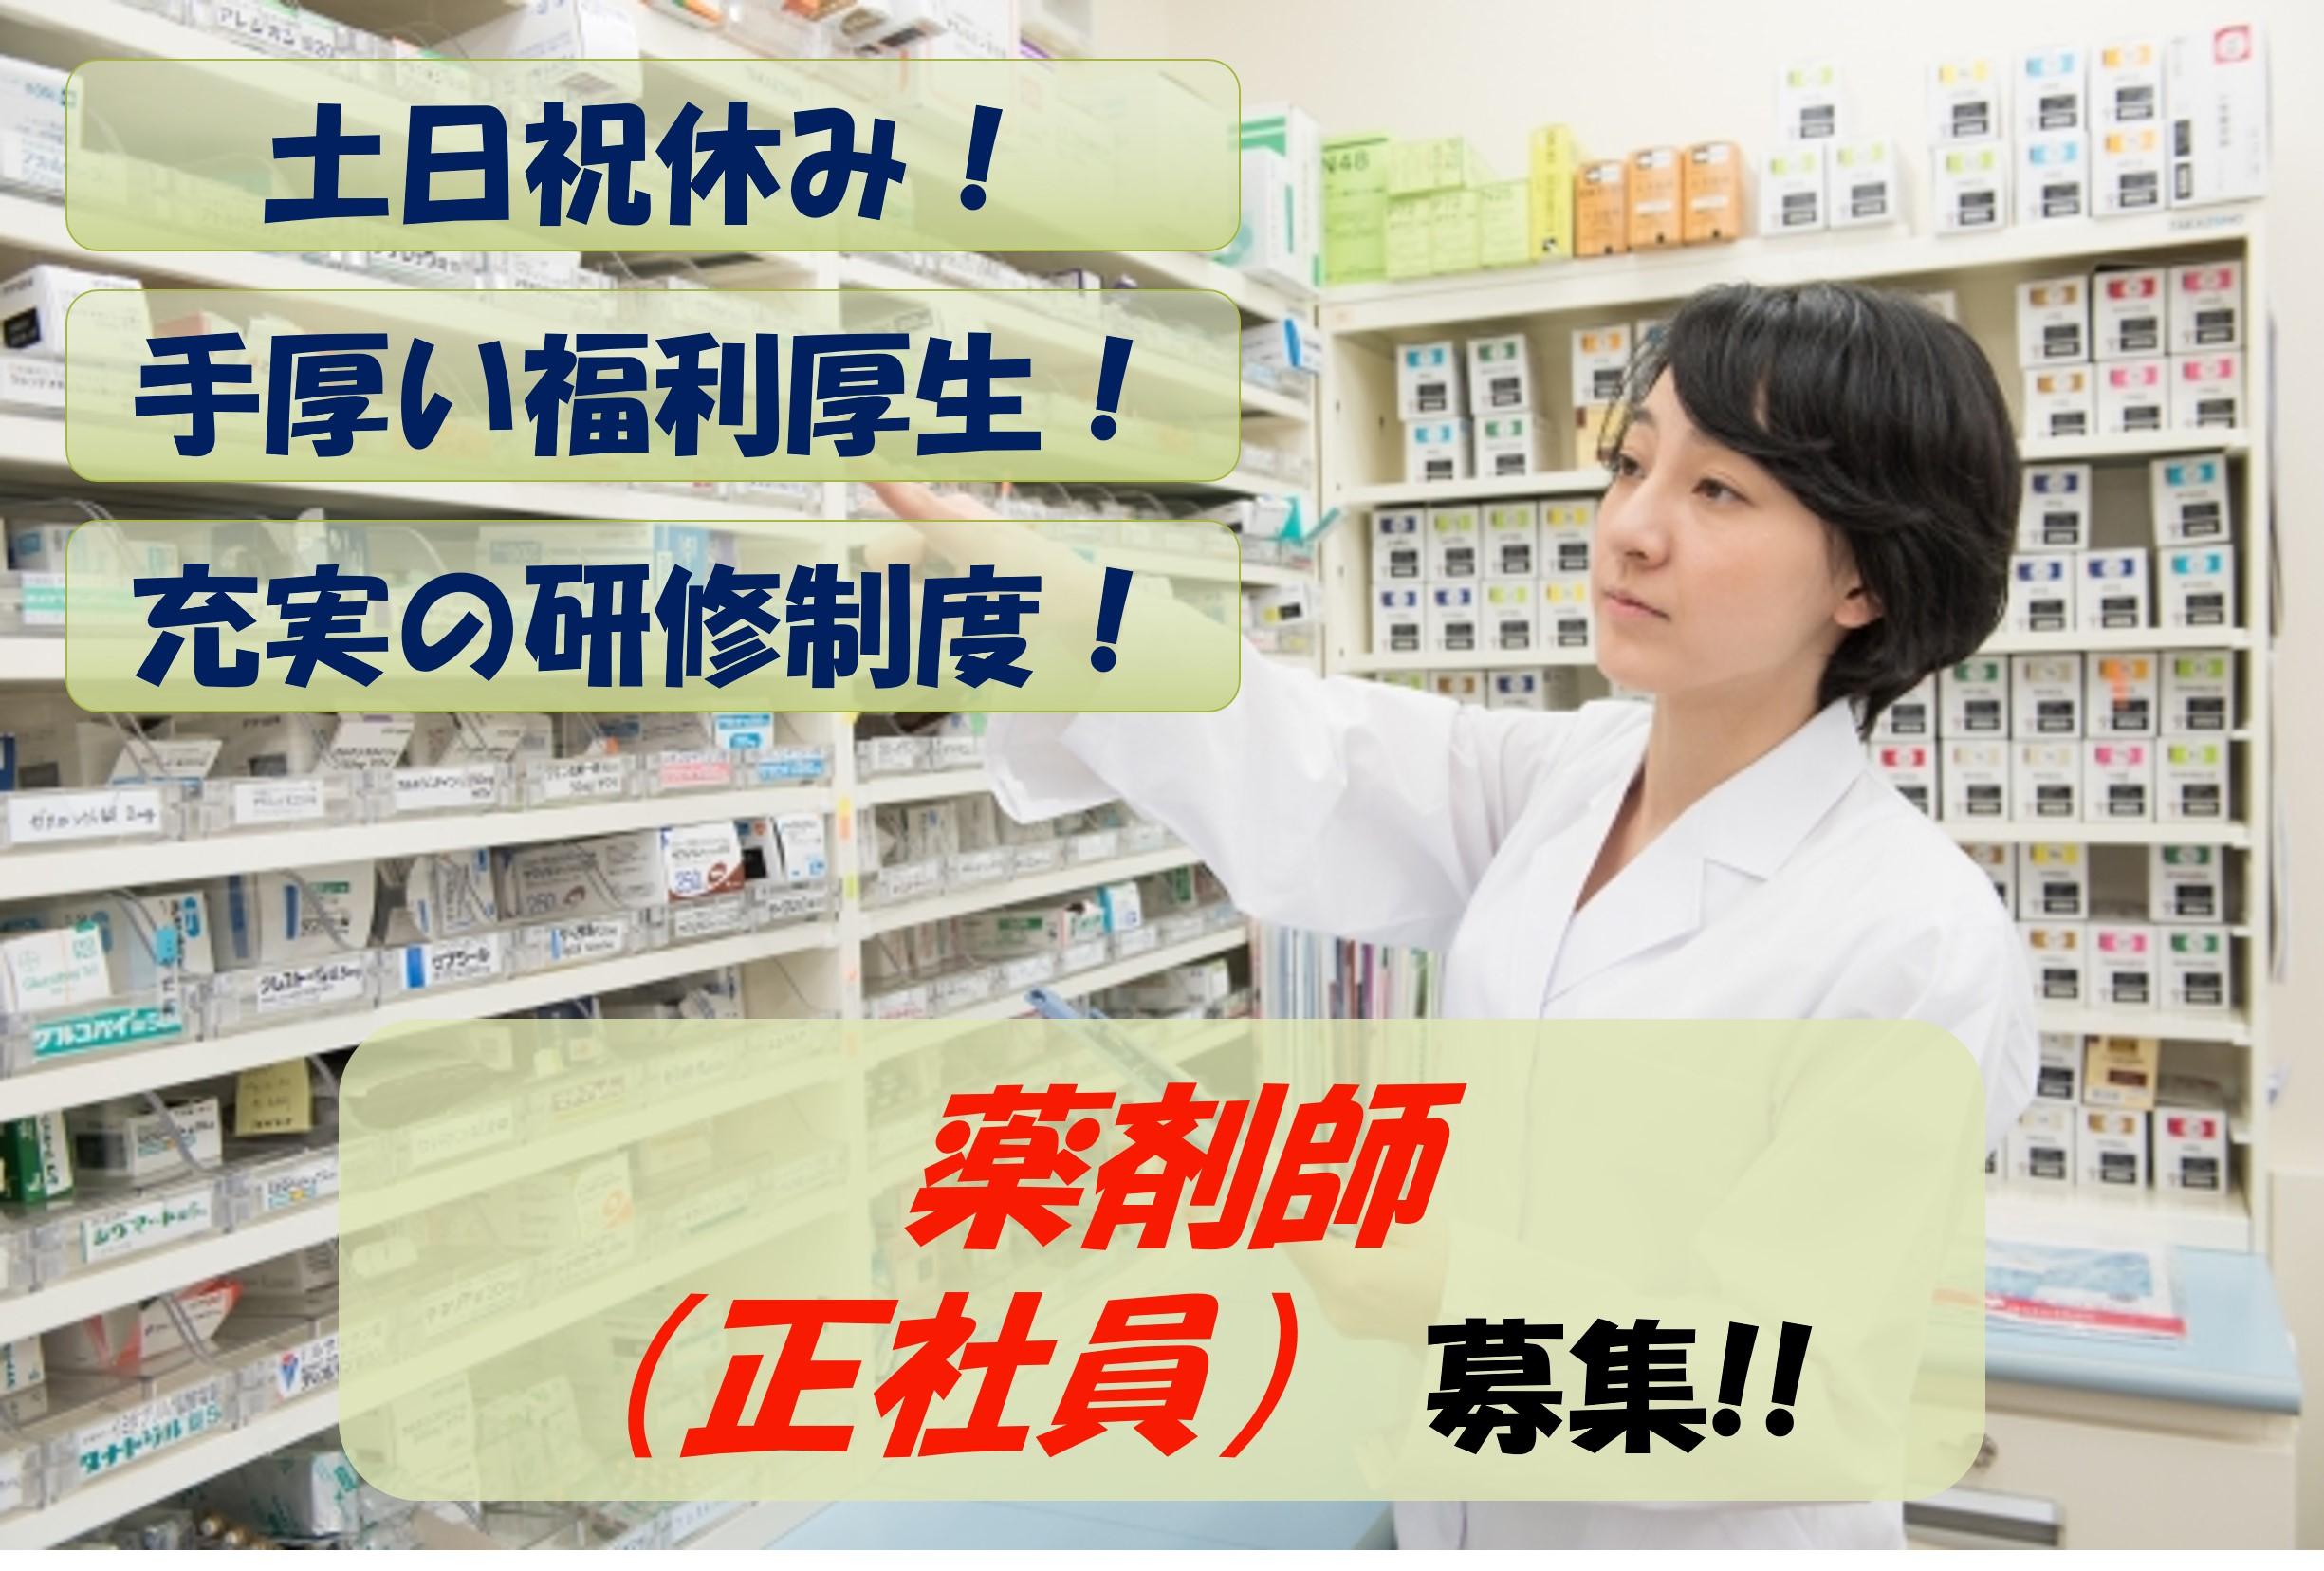 【即面談可能】土日祝休み!充実した福利厚生!薬局での薬剤師募集 イメージ